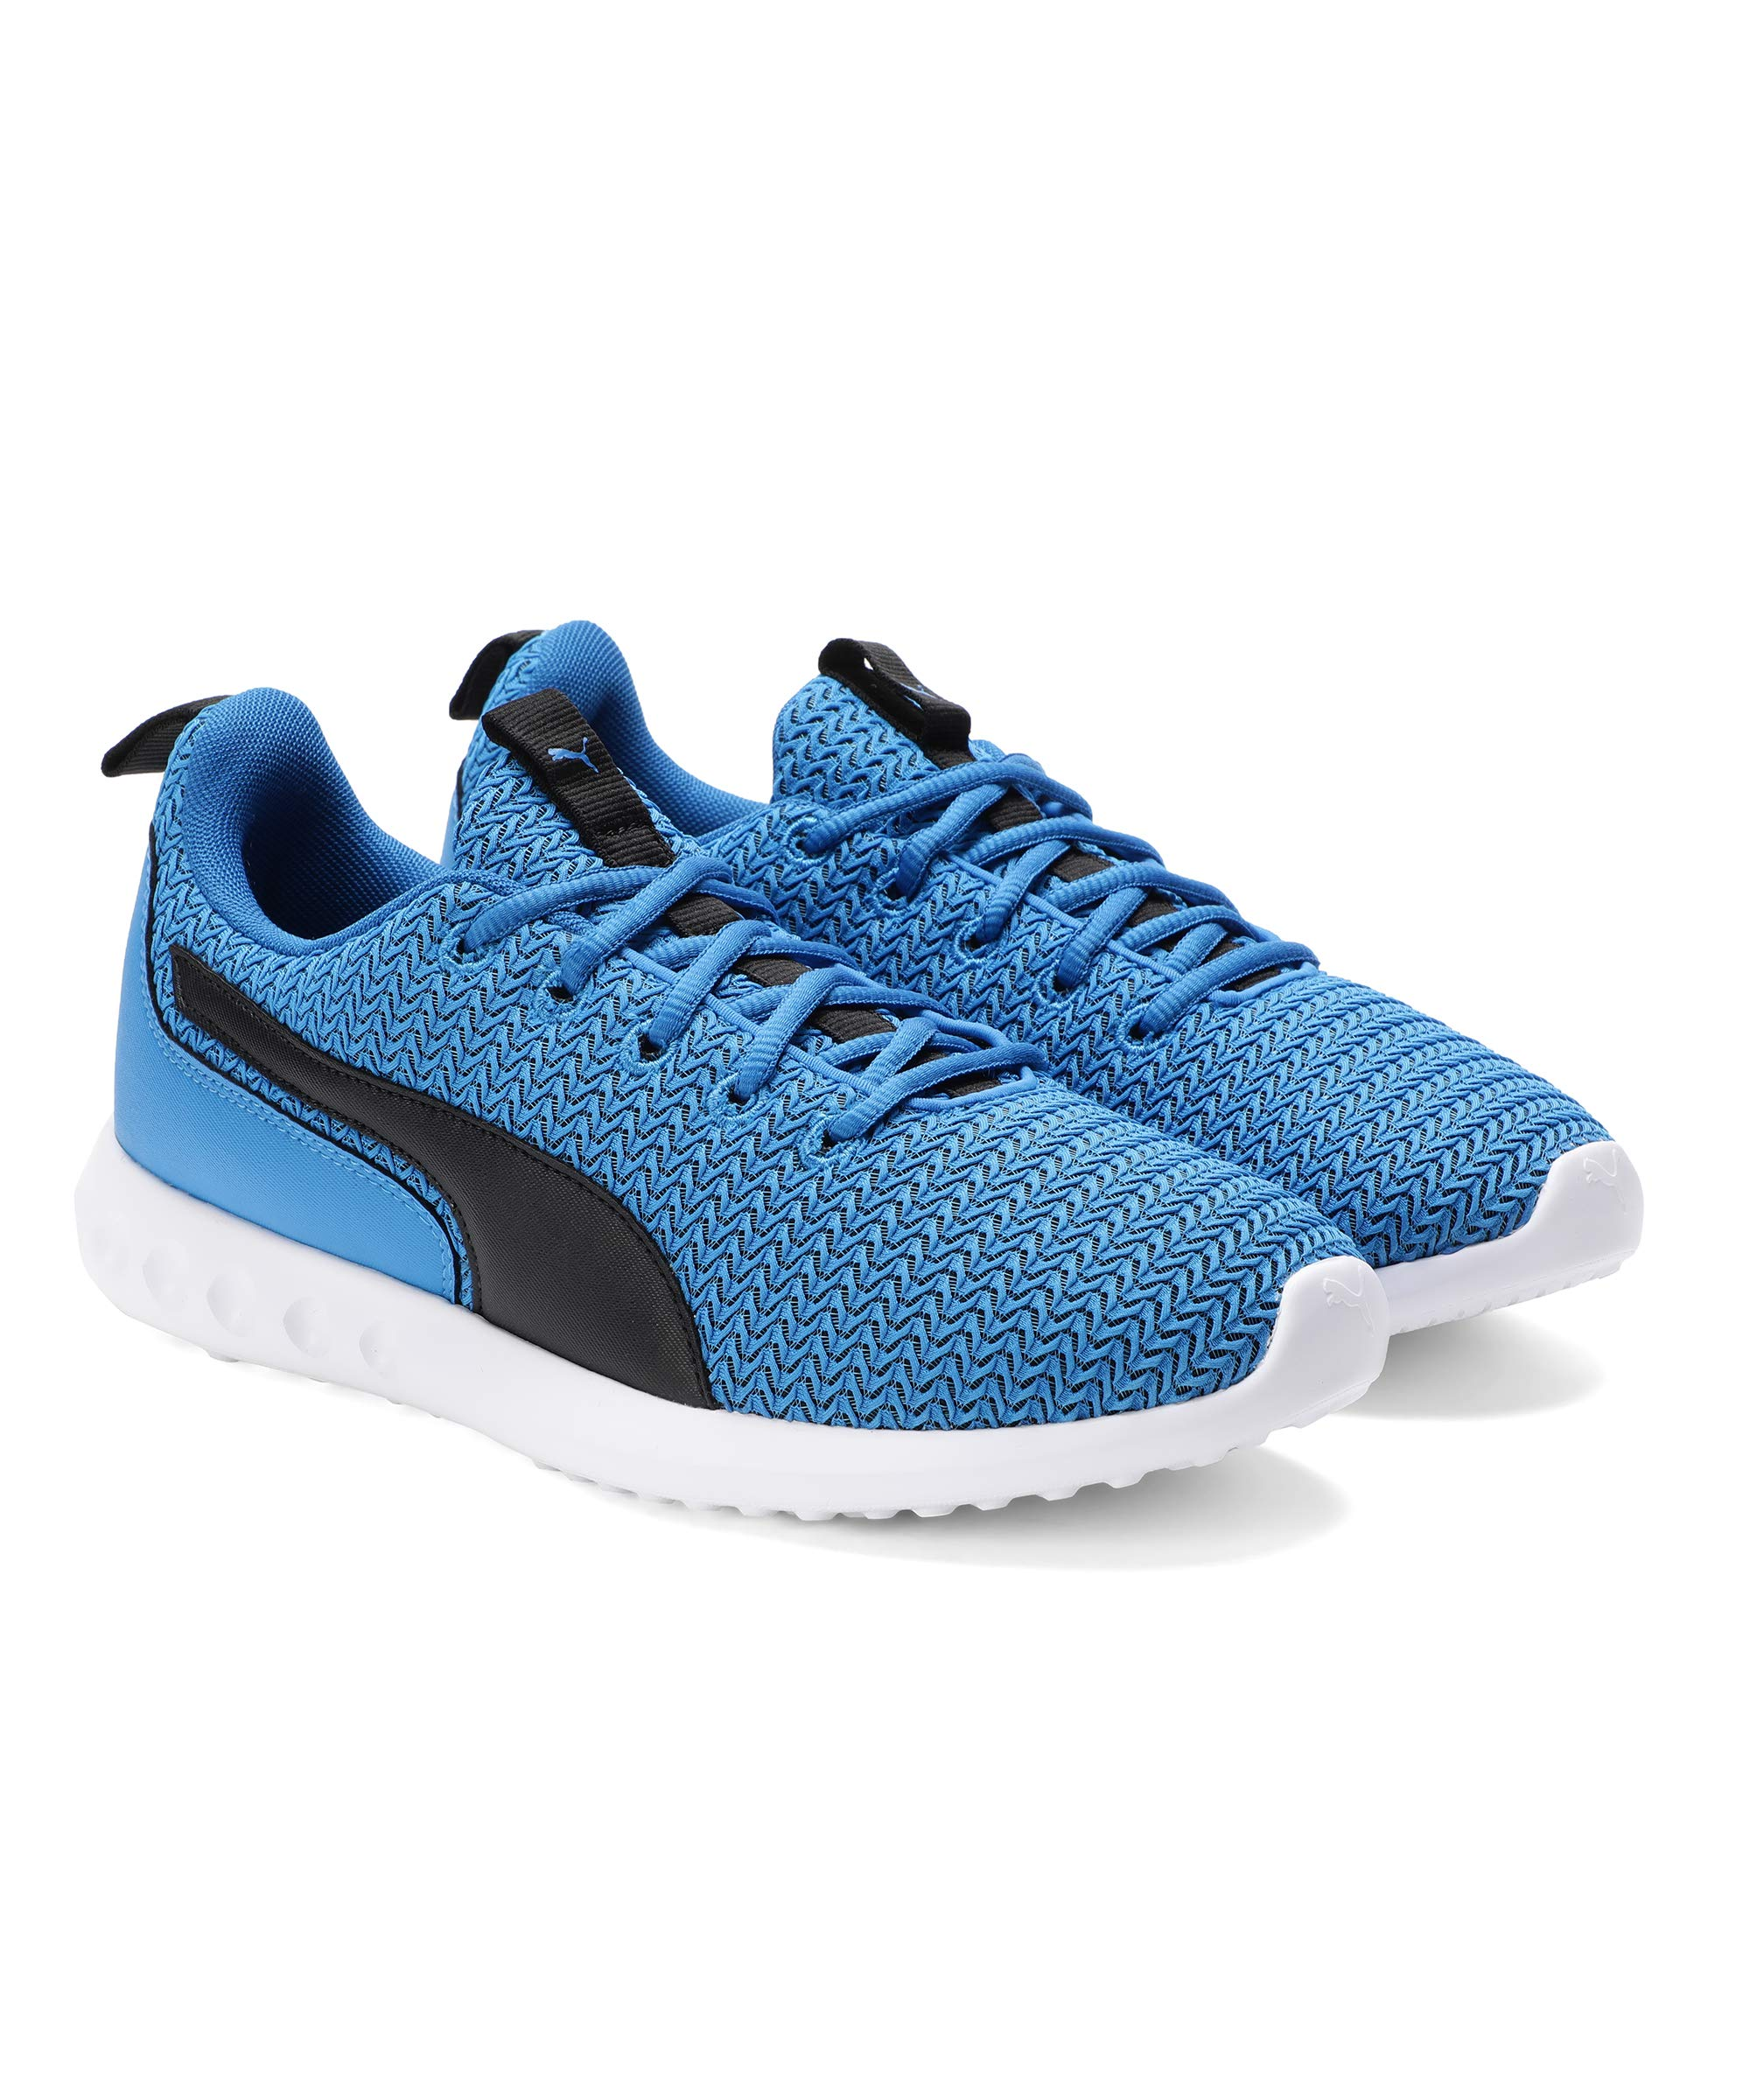 Chromeson v2 IDP Running Shoes